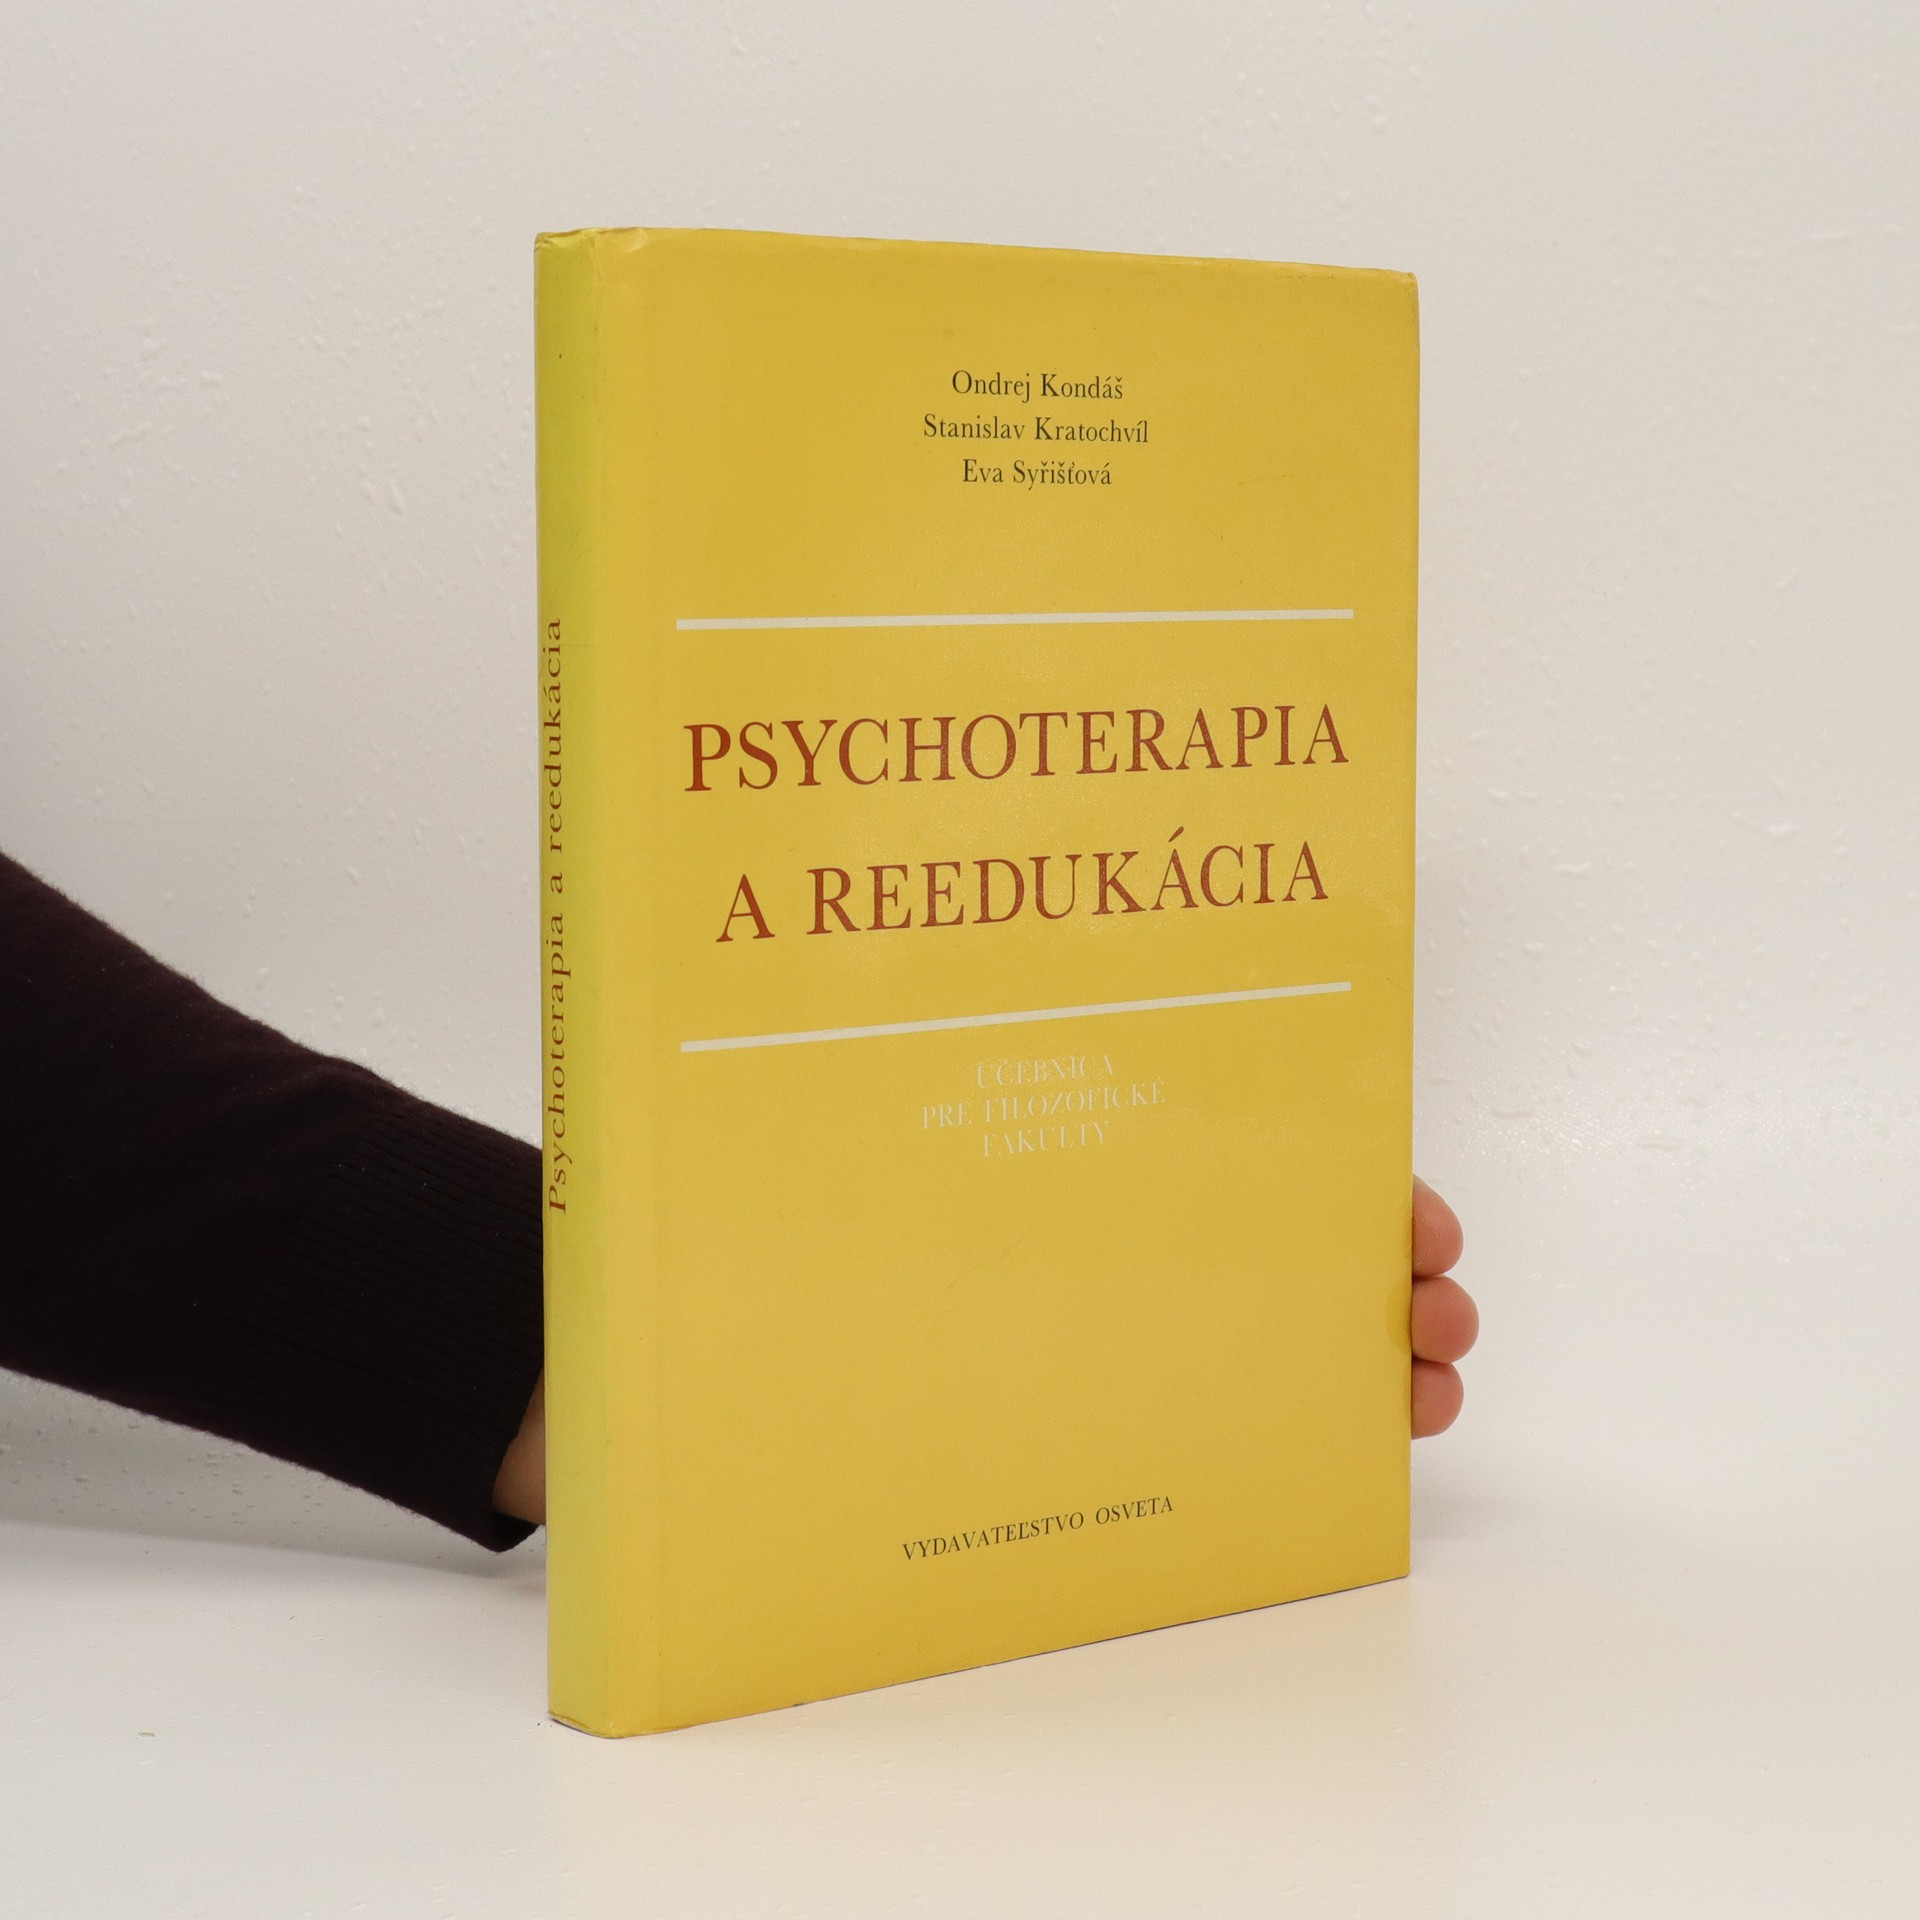 antikvární kniha Psychoterapia a reedukácia : učebnica pre filozofické fakulty, 1989